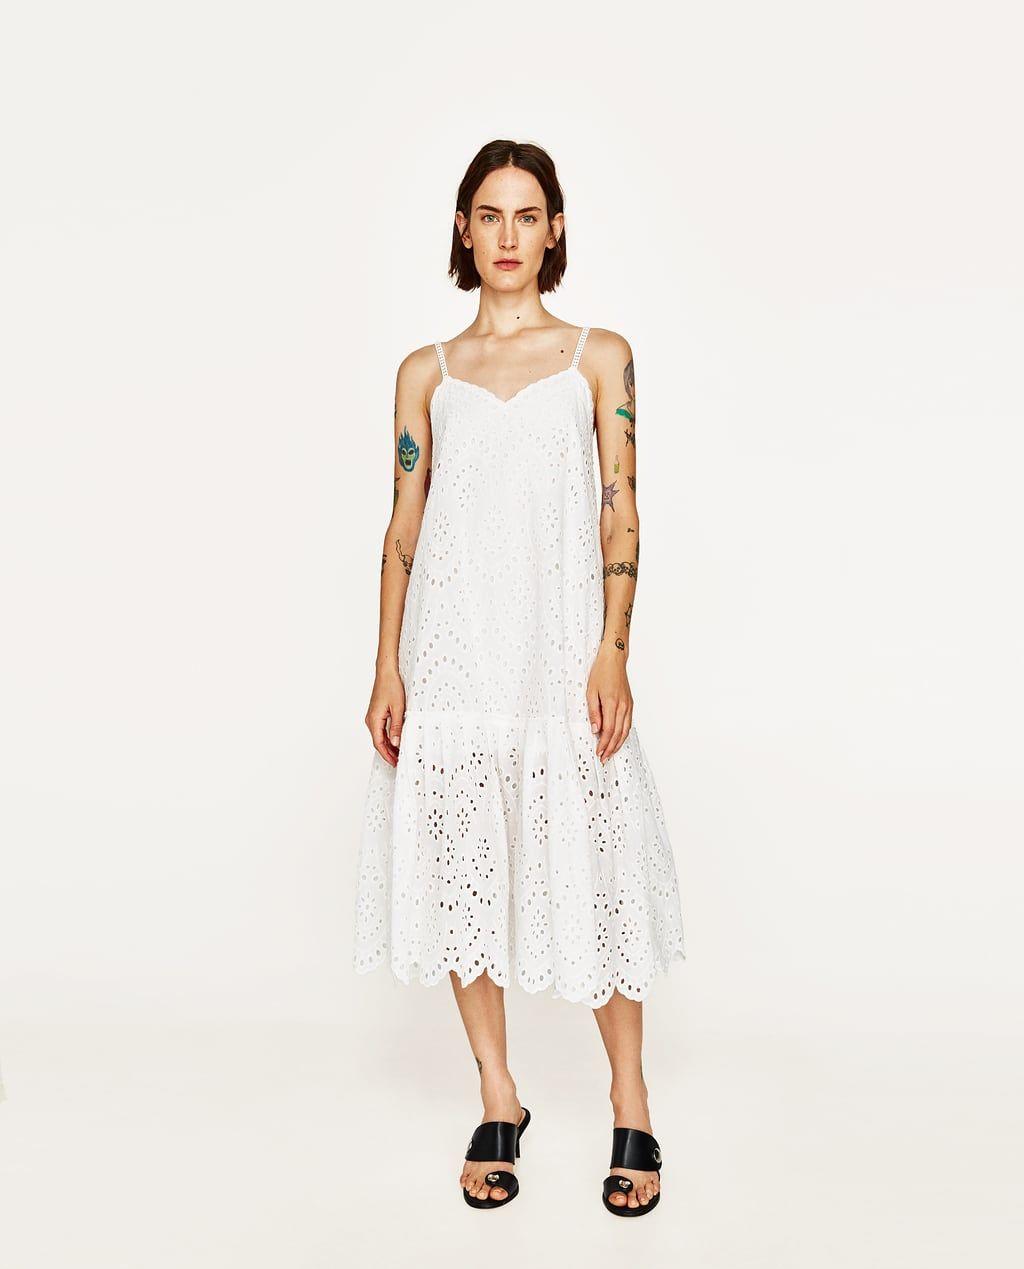 zara lace white summer dress 2017 | weißes sommerkleid